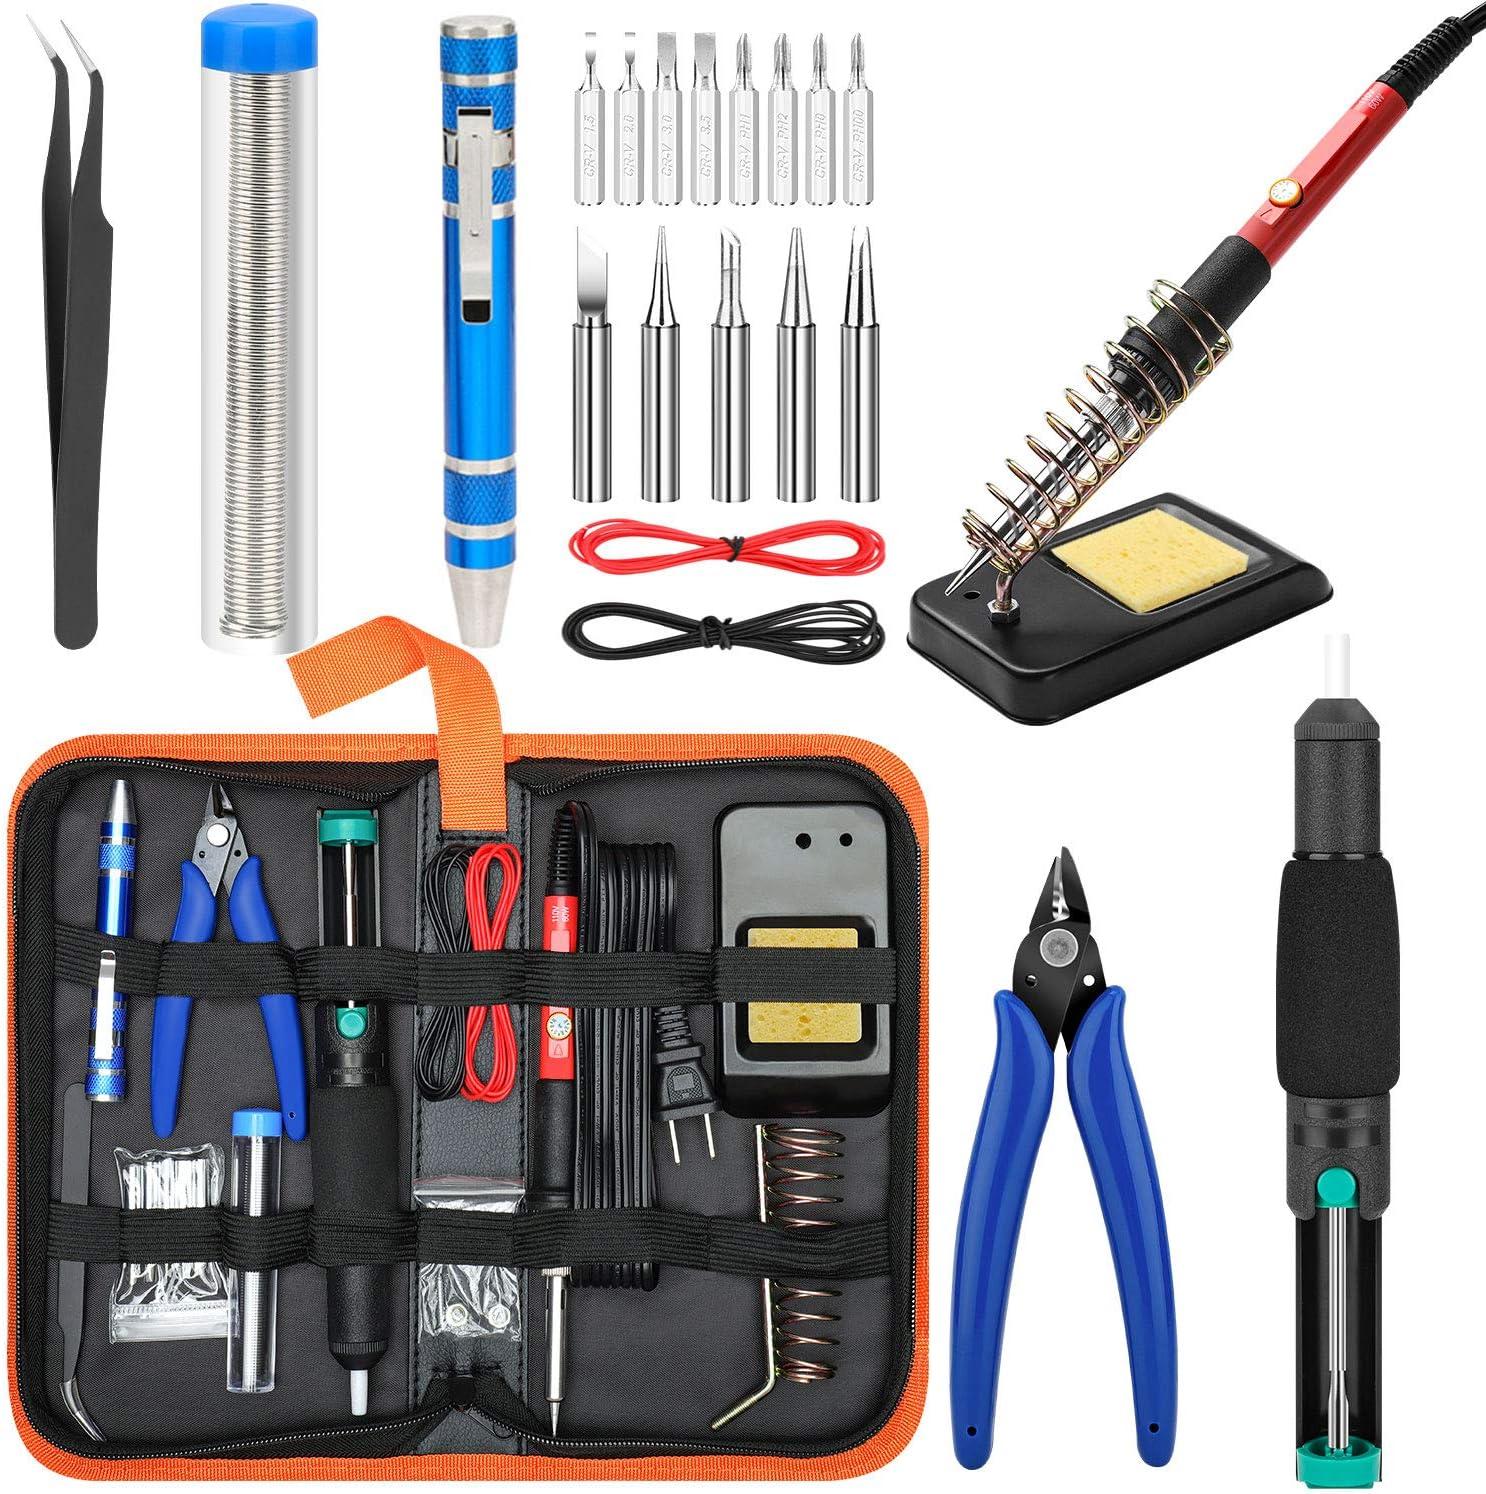 ENJOHOS Kit de Soldado El/éctrico Soldador Kit Soldador Set Temperatura Ajustable 60W Herramienta de Soldadura con Digital Multimeter